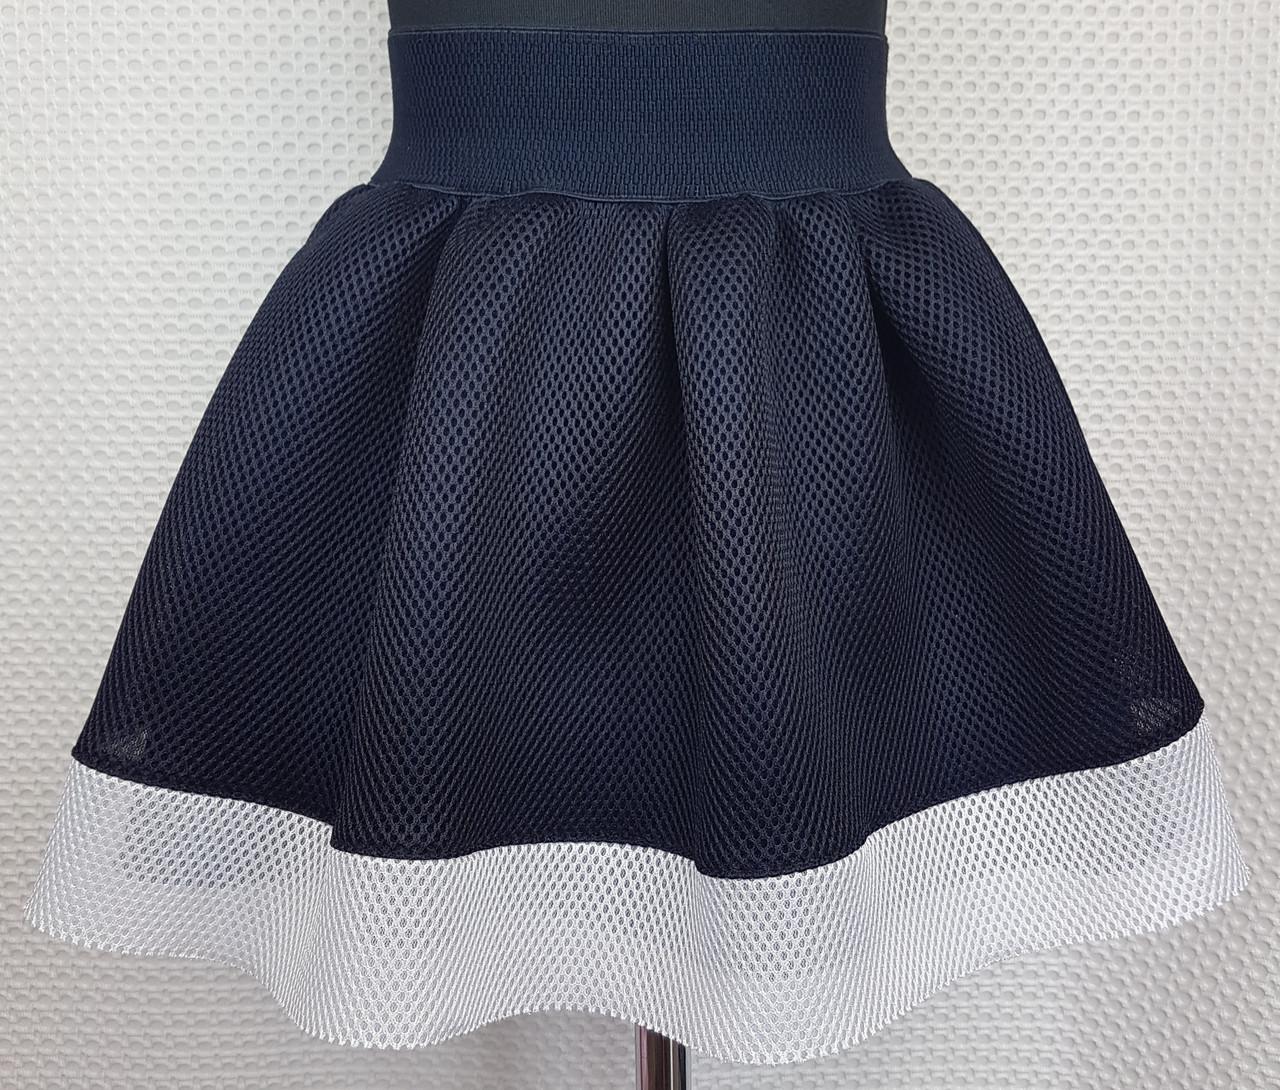 Школьная юбка  темно-синяя неопрен с белой вставкой внизу р. 116-134